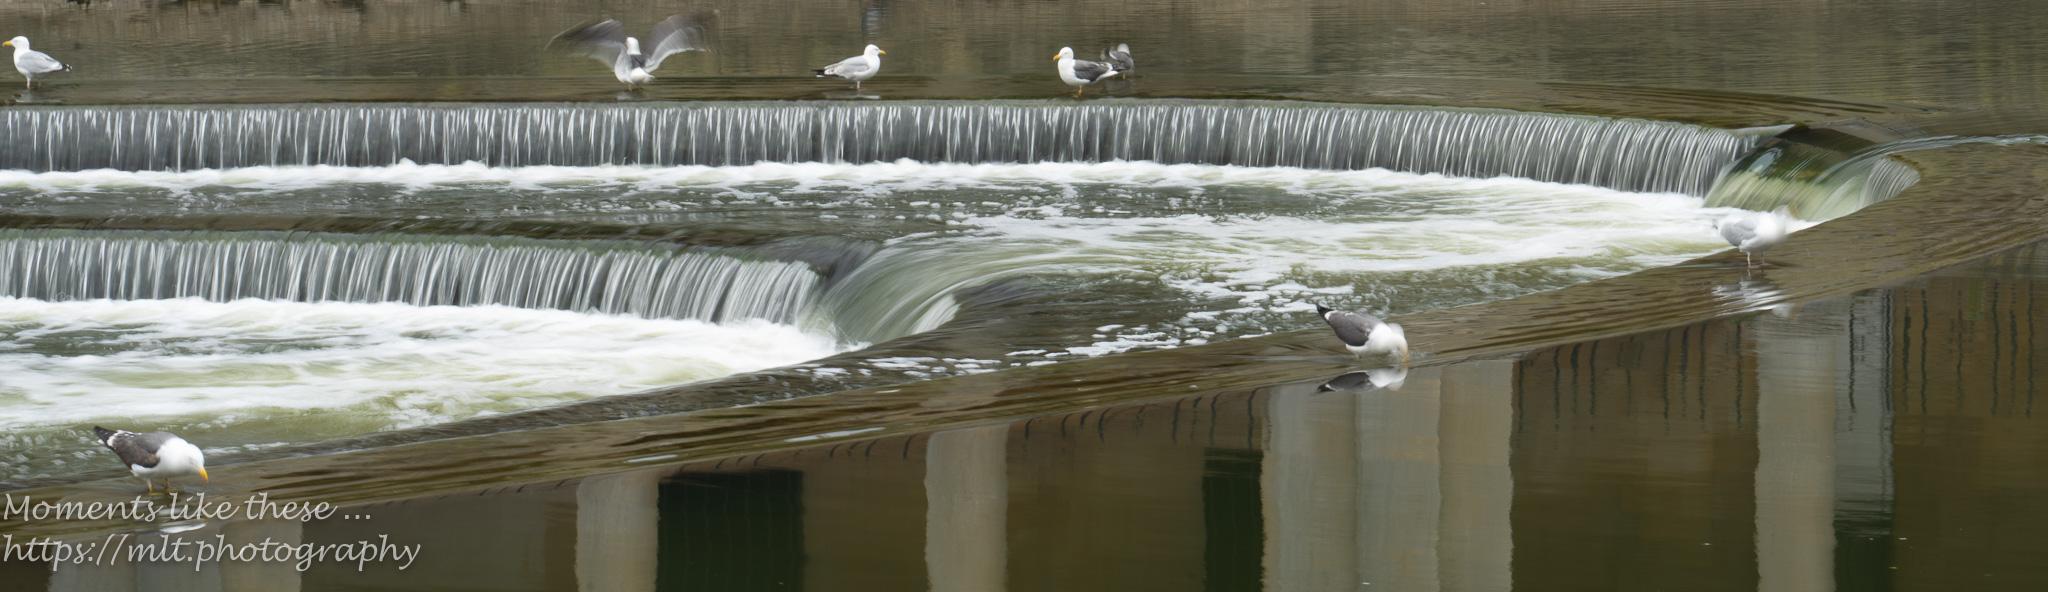 Pulteney wier - Bath